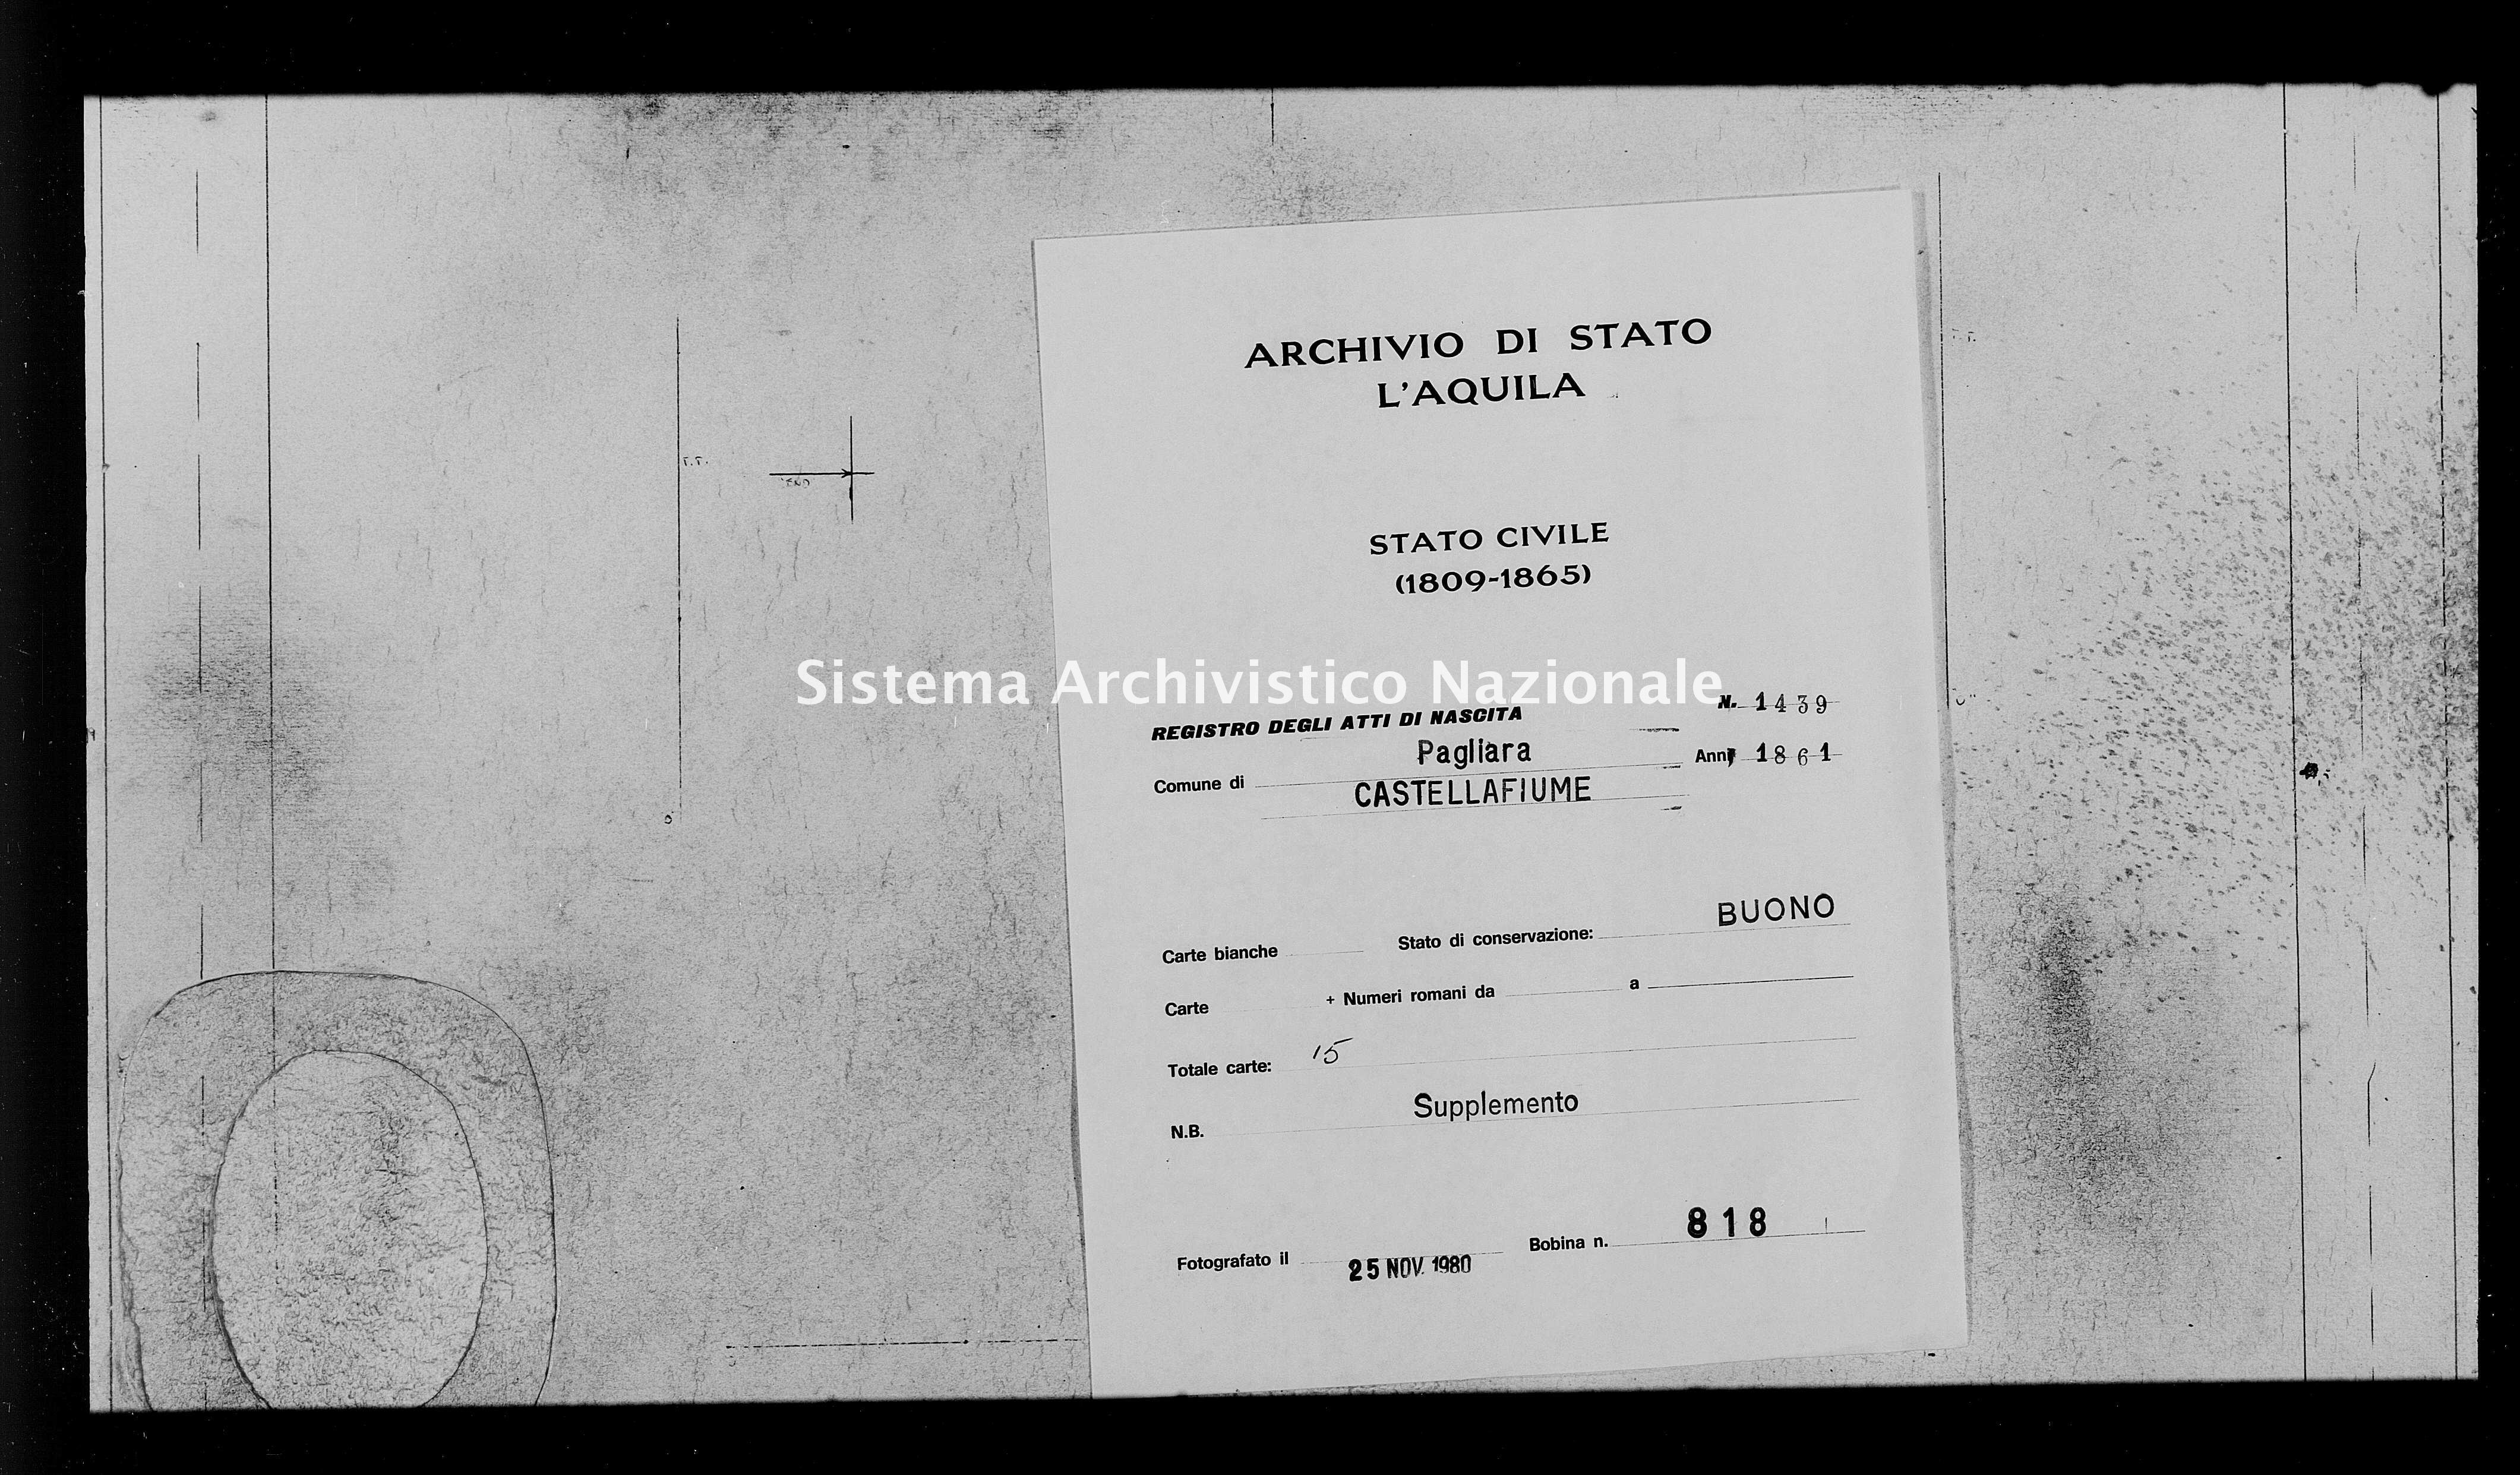 Archivio di stato di L'aquila - Stato civile italiano - Pagliara - Nati, battesimi - 1861 - 1439 -